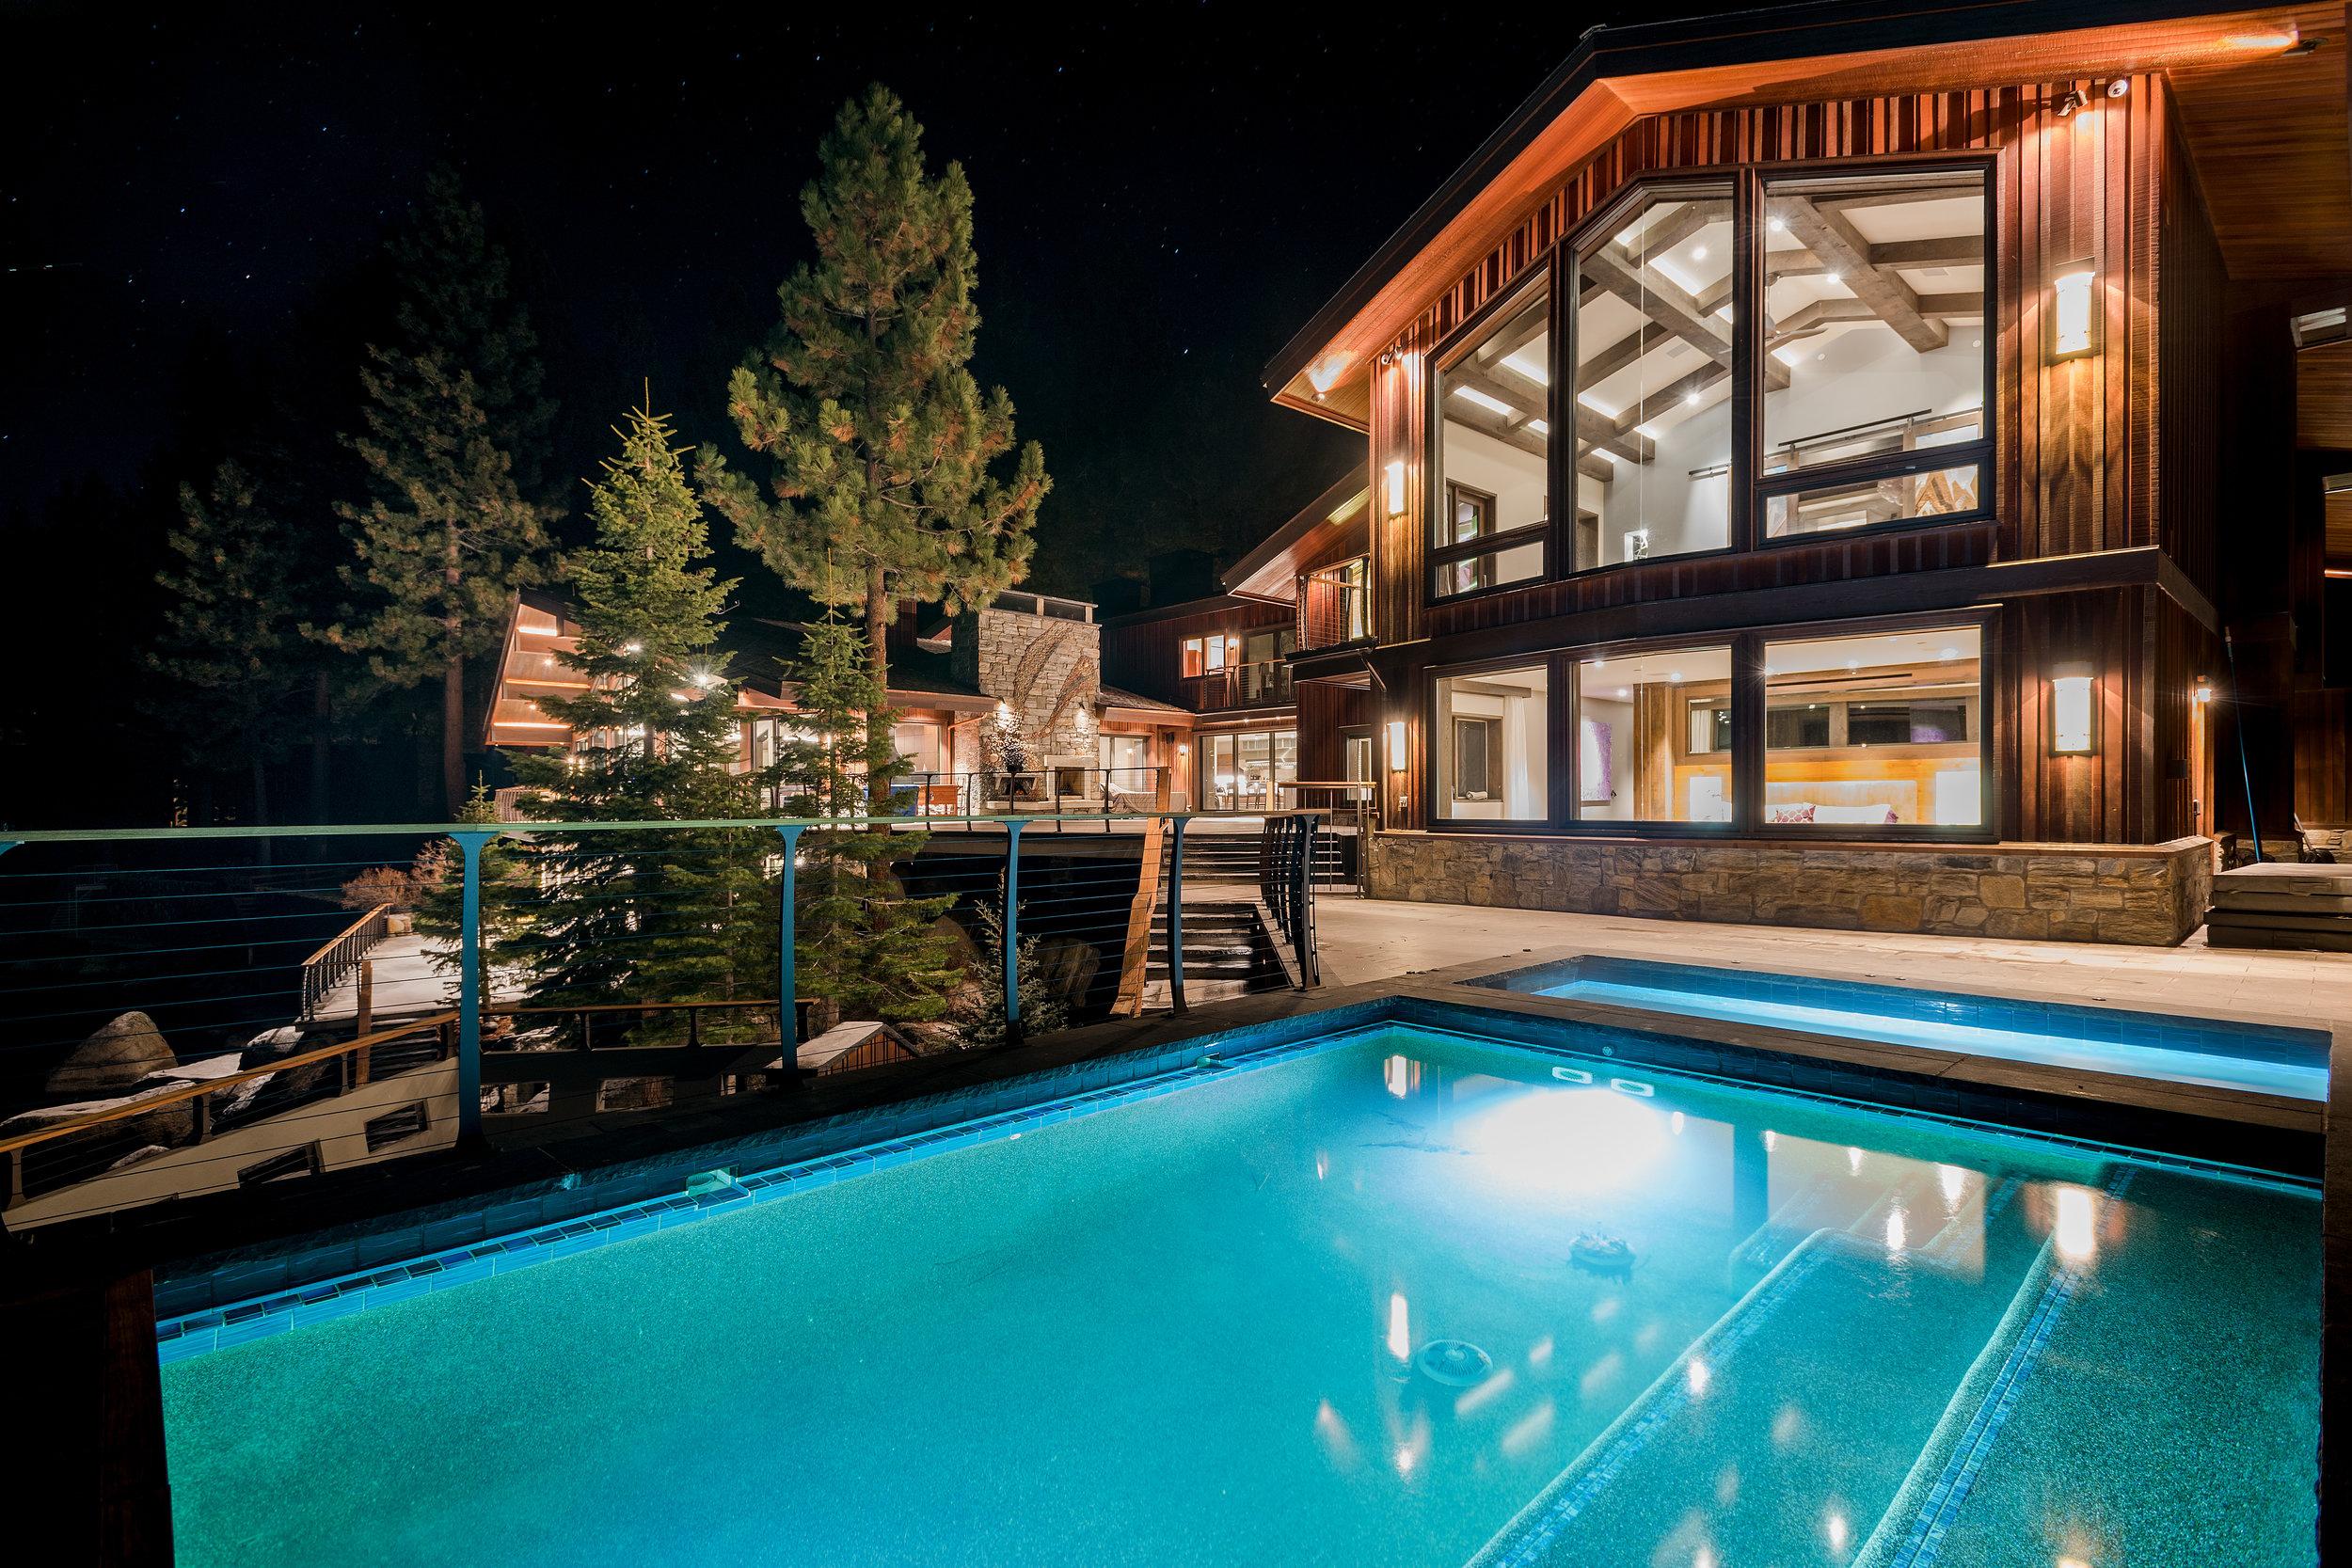 #2 PR Media  Villa_Harrah-pool _Anna_Shay_DSC4499.jpg